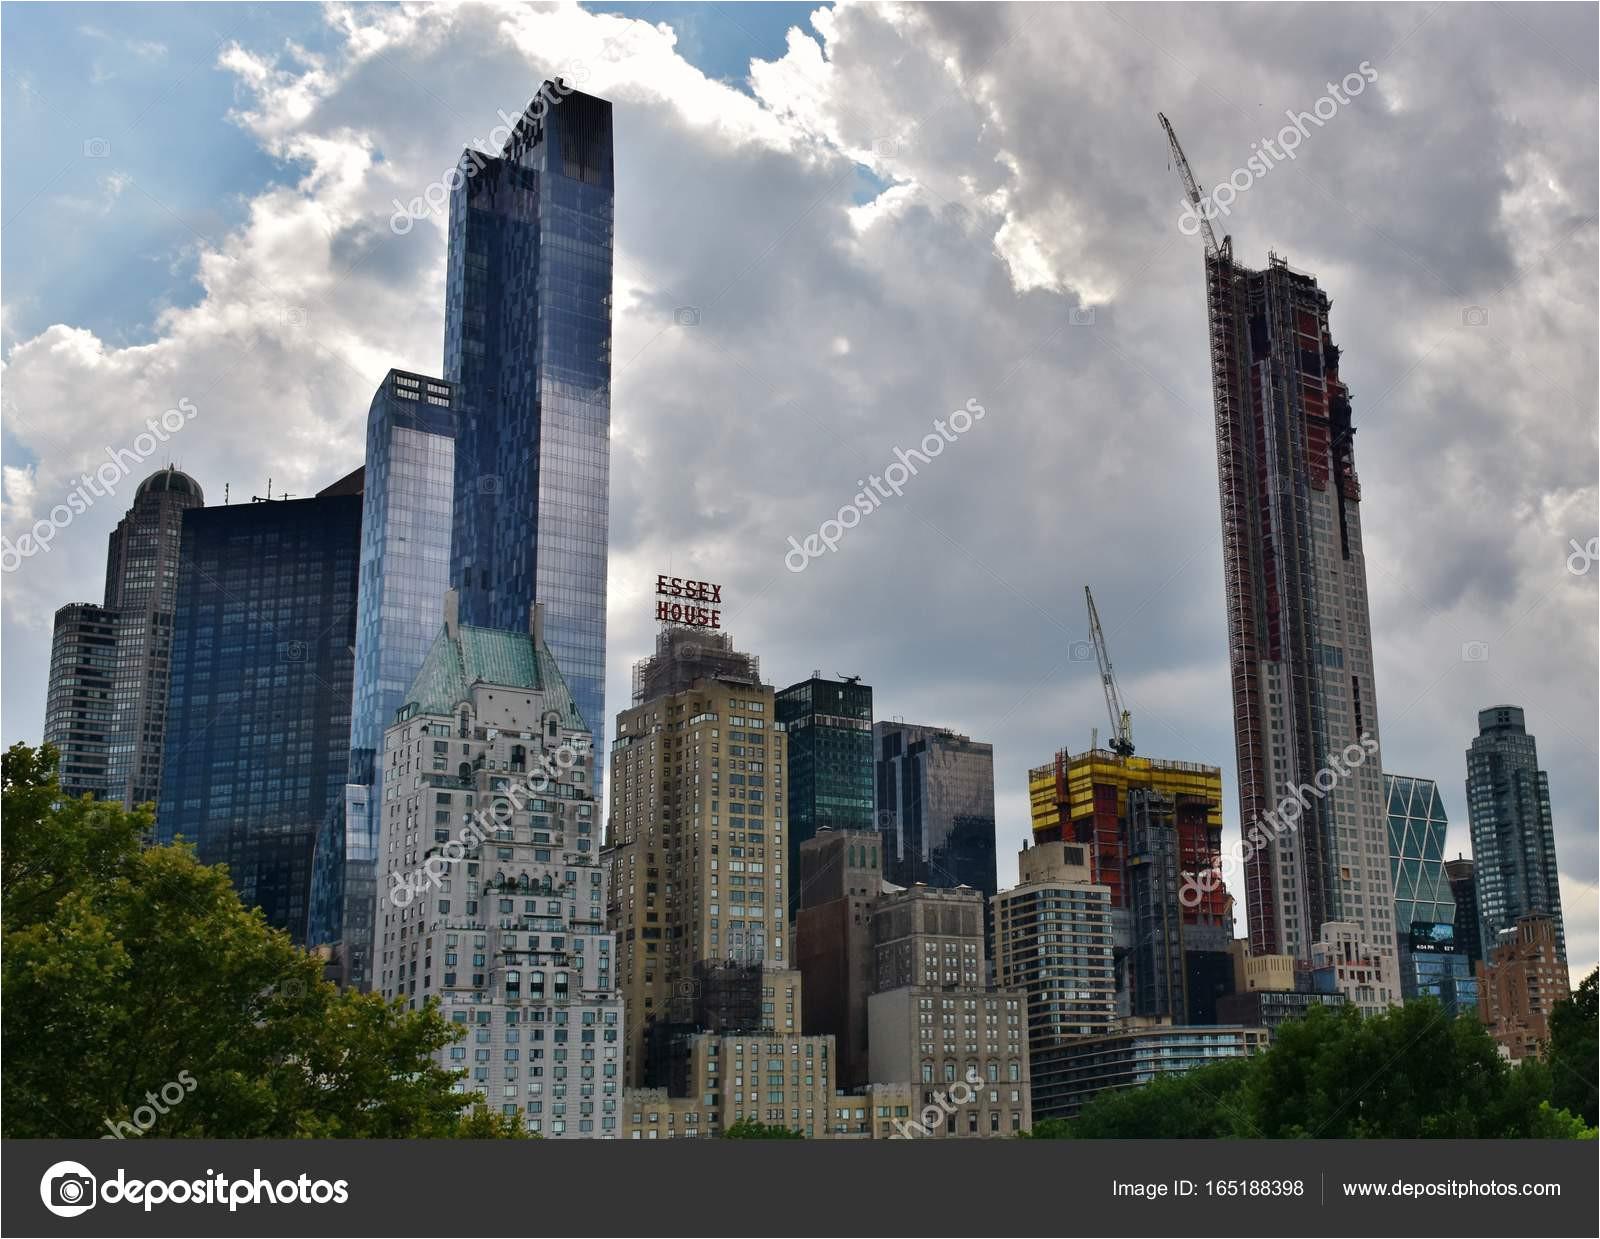 juli 2017 manhattan new york usa the one57 fruher bekannt als carnegie 57 wolkenkratzer in new york city sudlich von central park und der central park